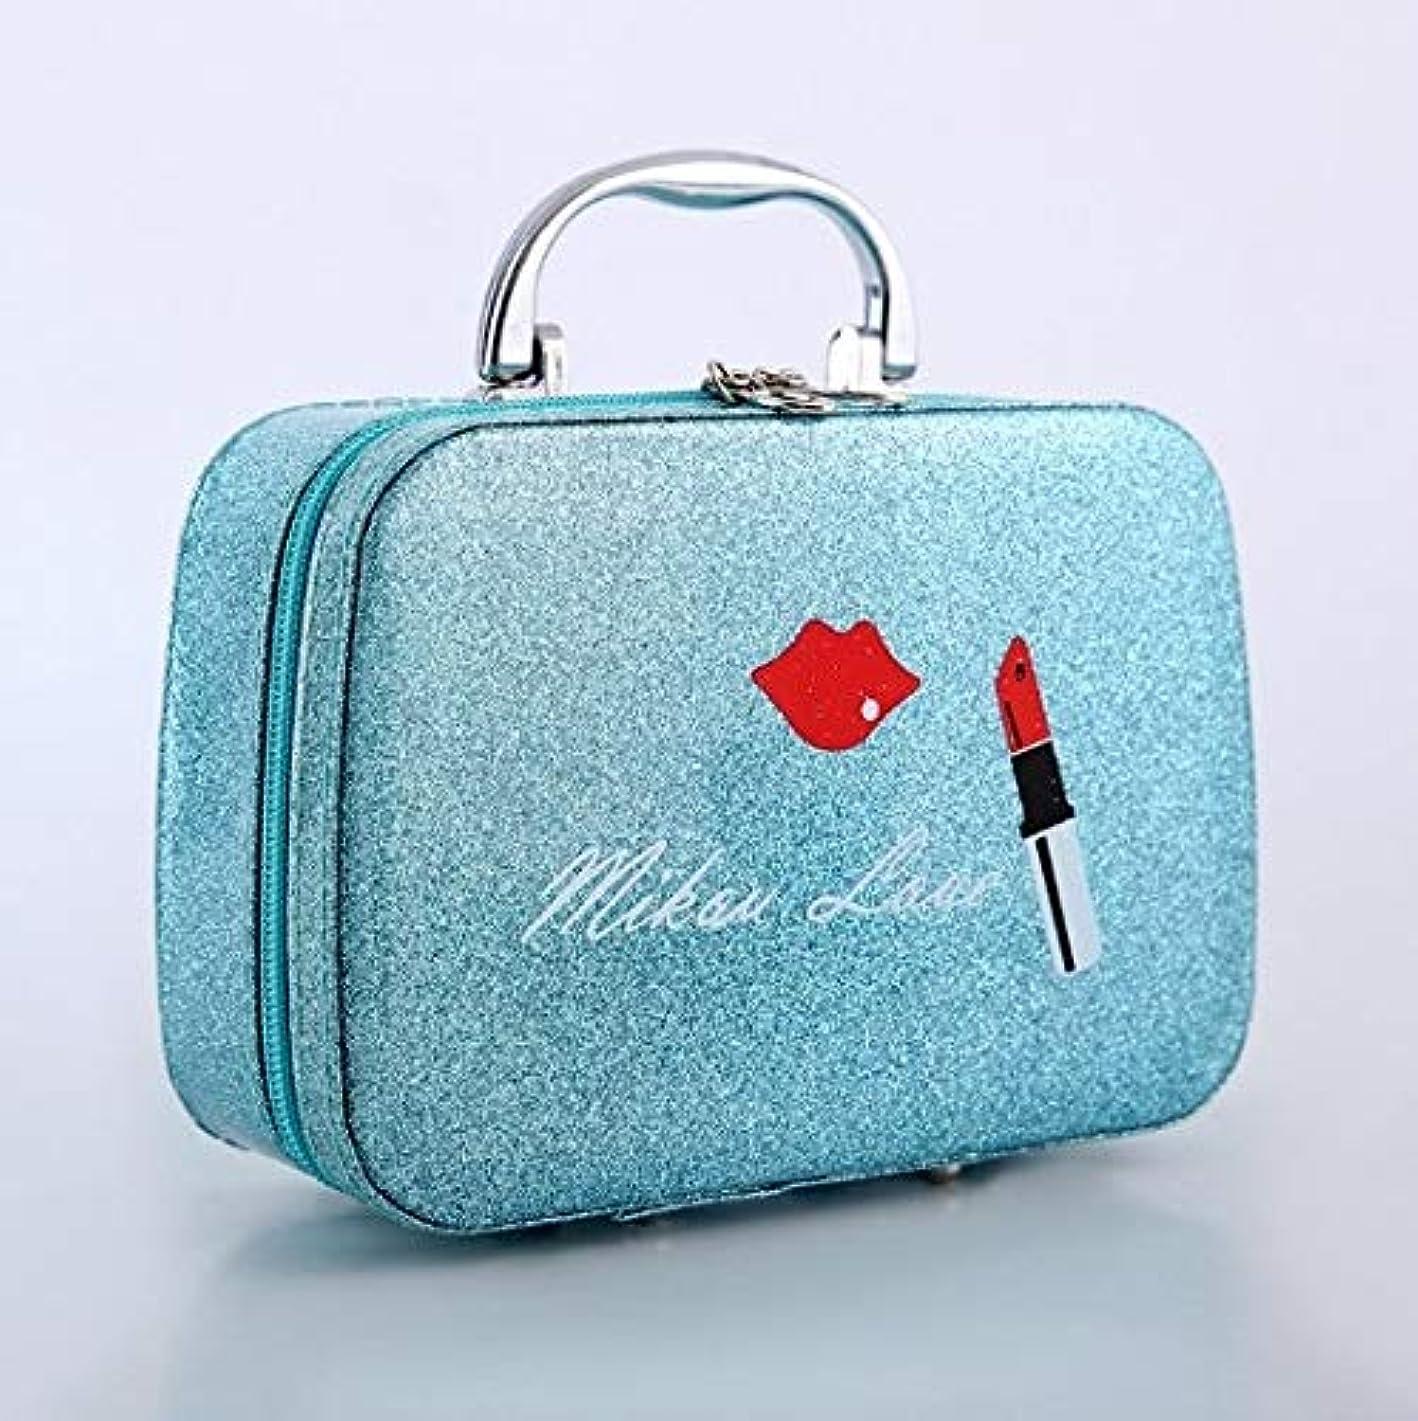 広範囲レバー調子化粧箱、口紅の唇、スクラブ、携帯用化粧品ケース、携帯用旅行化粧品ケース、美容ネイルジュエリー収納ボックス